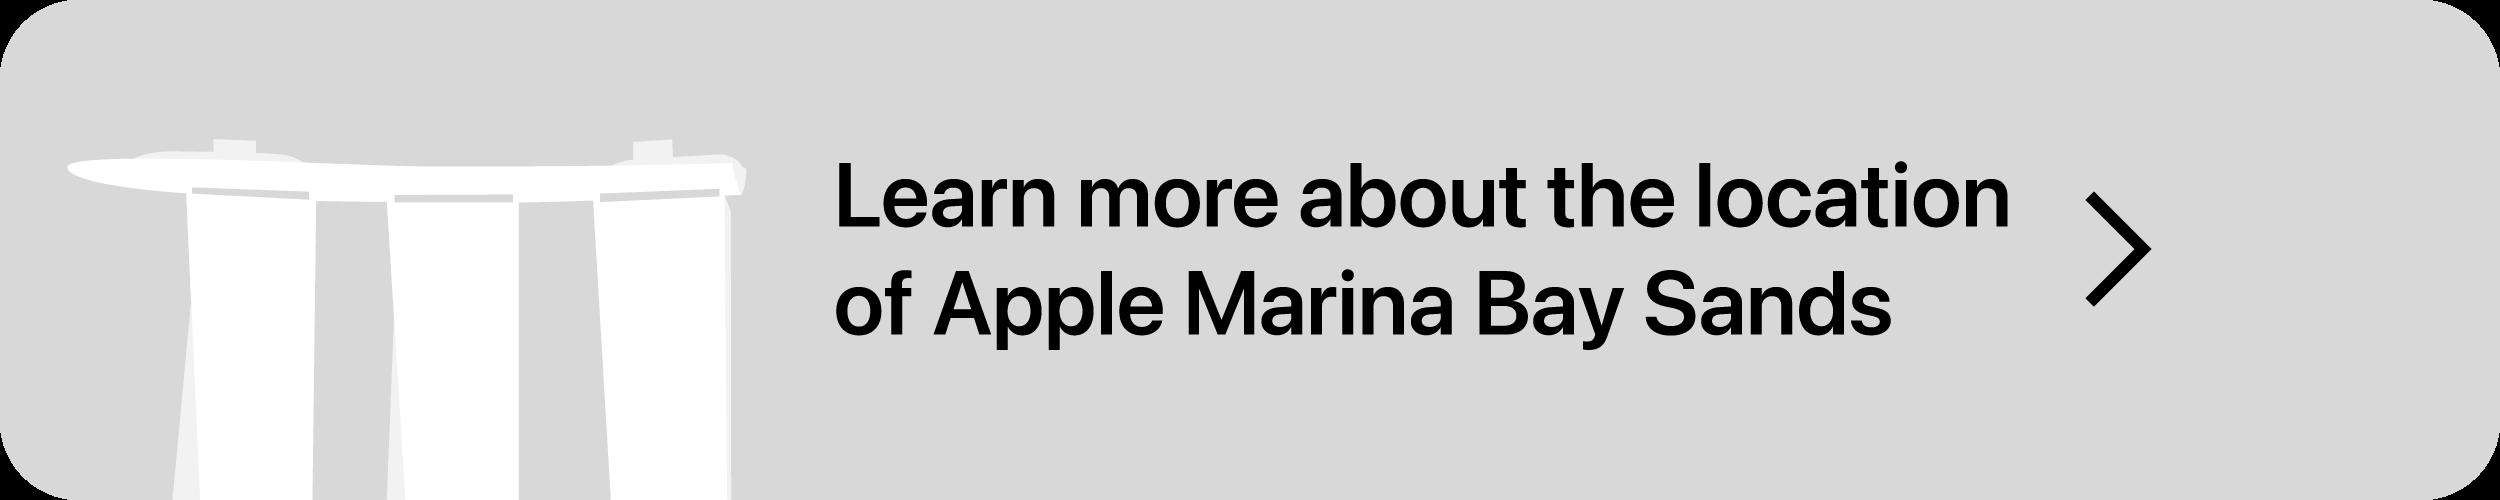 Щелкните здесь, чтобы узнать больше о местонахождении apple marina bay sands